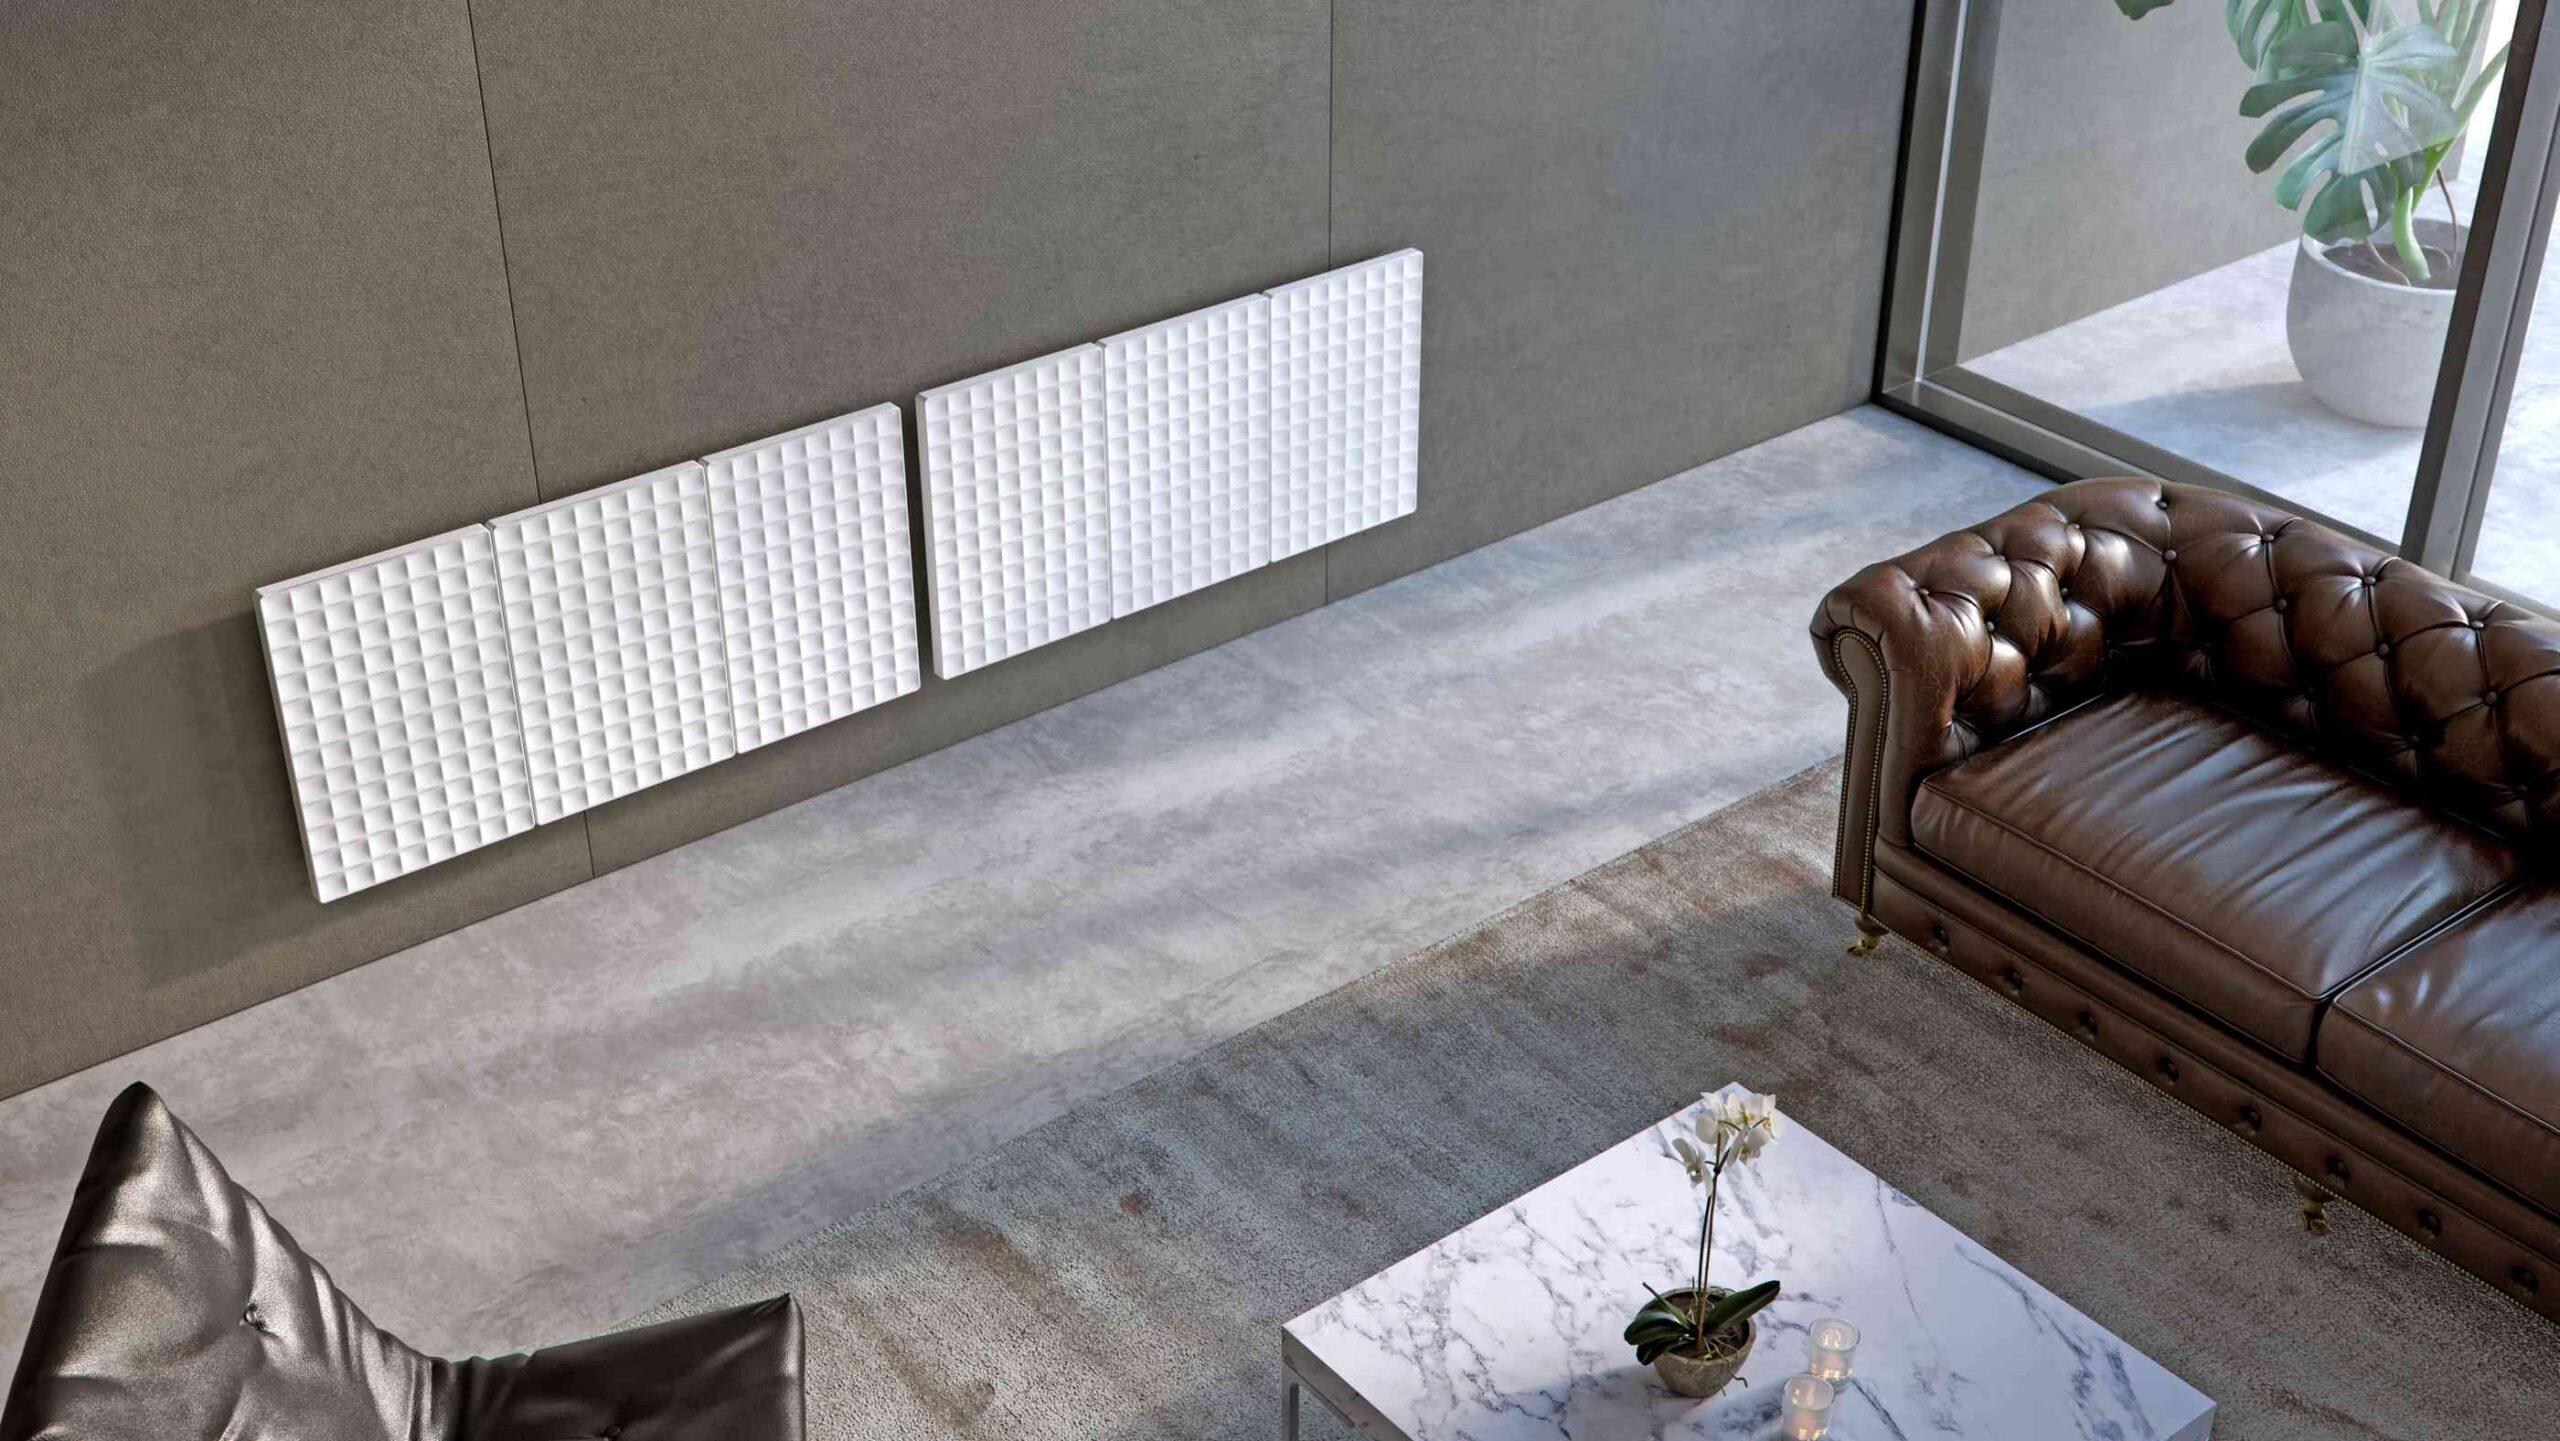 Full Size of Moderne Heizkrper Warm Wohnzimmer Decken Wohnwand Kommode Deckenlampen Modern Wandbilder Schrankwand Bad Heizkörper Stehlampen Deckenleuchten Tapete Liege Wohnzimmer Heizkörper Wohnzimmer Flach